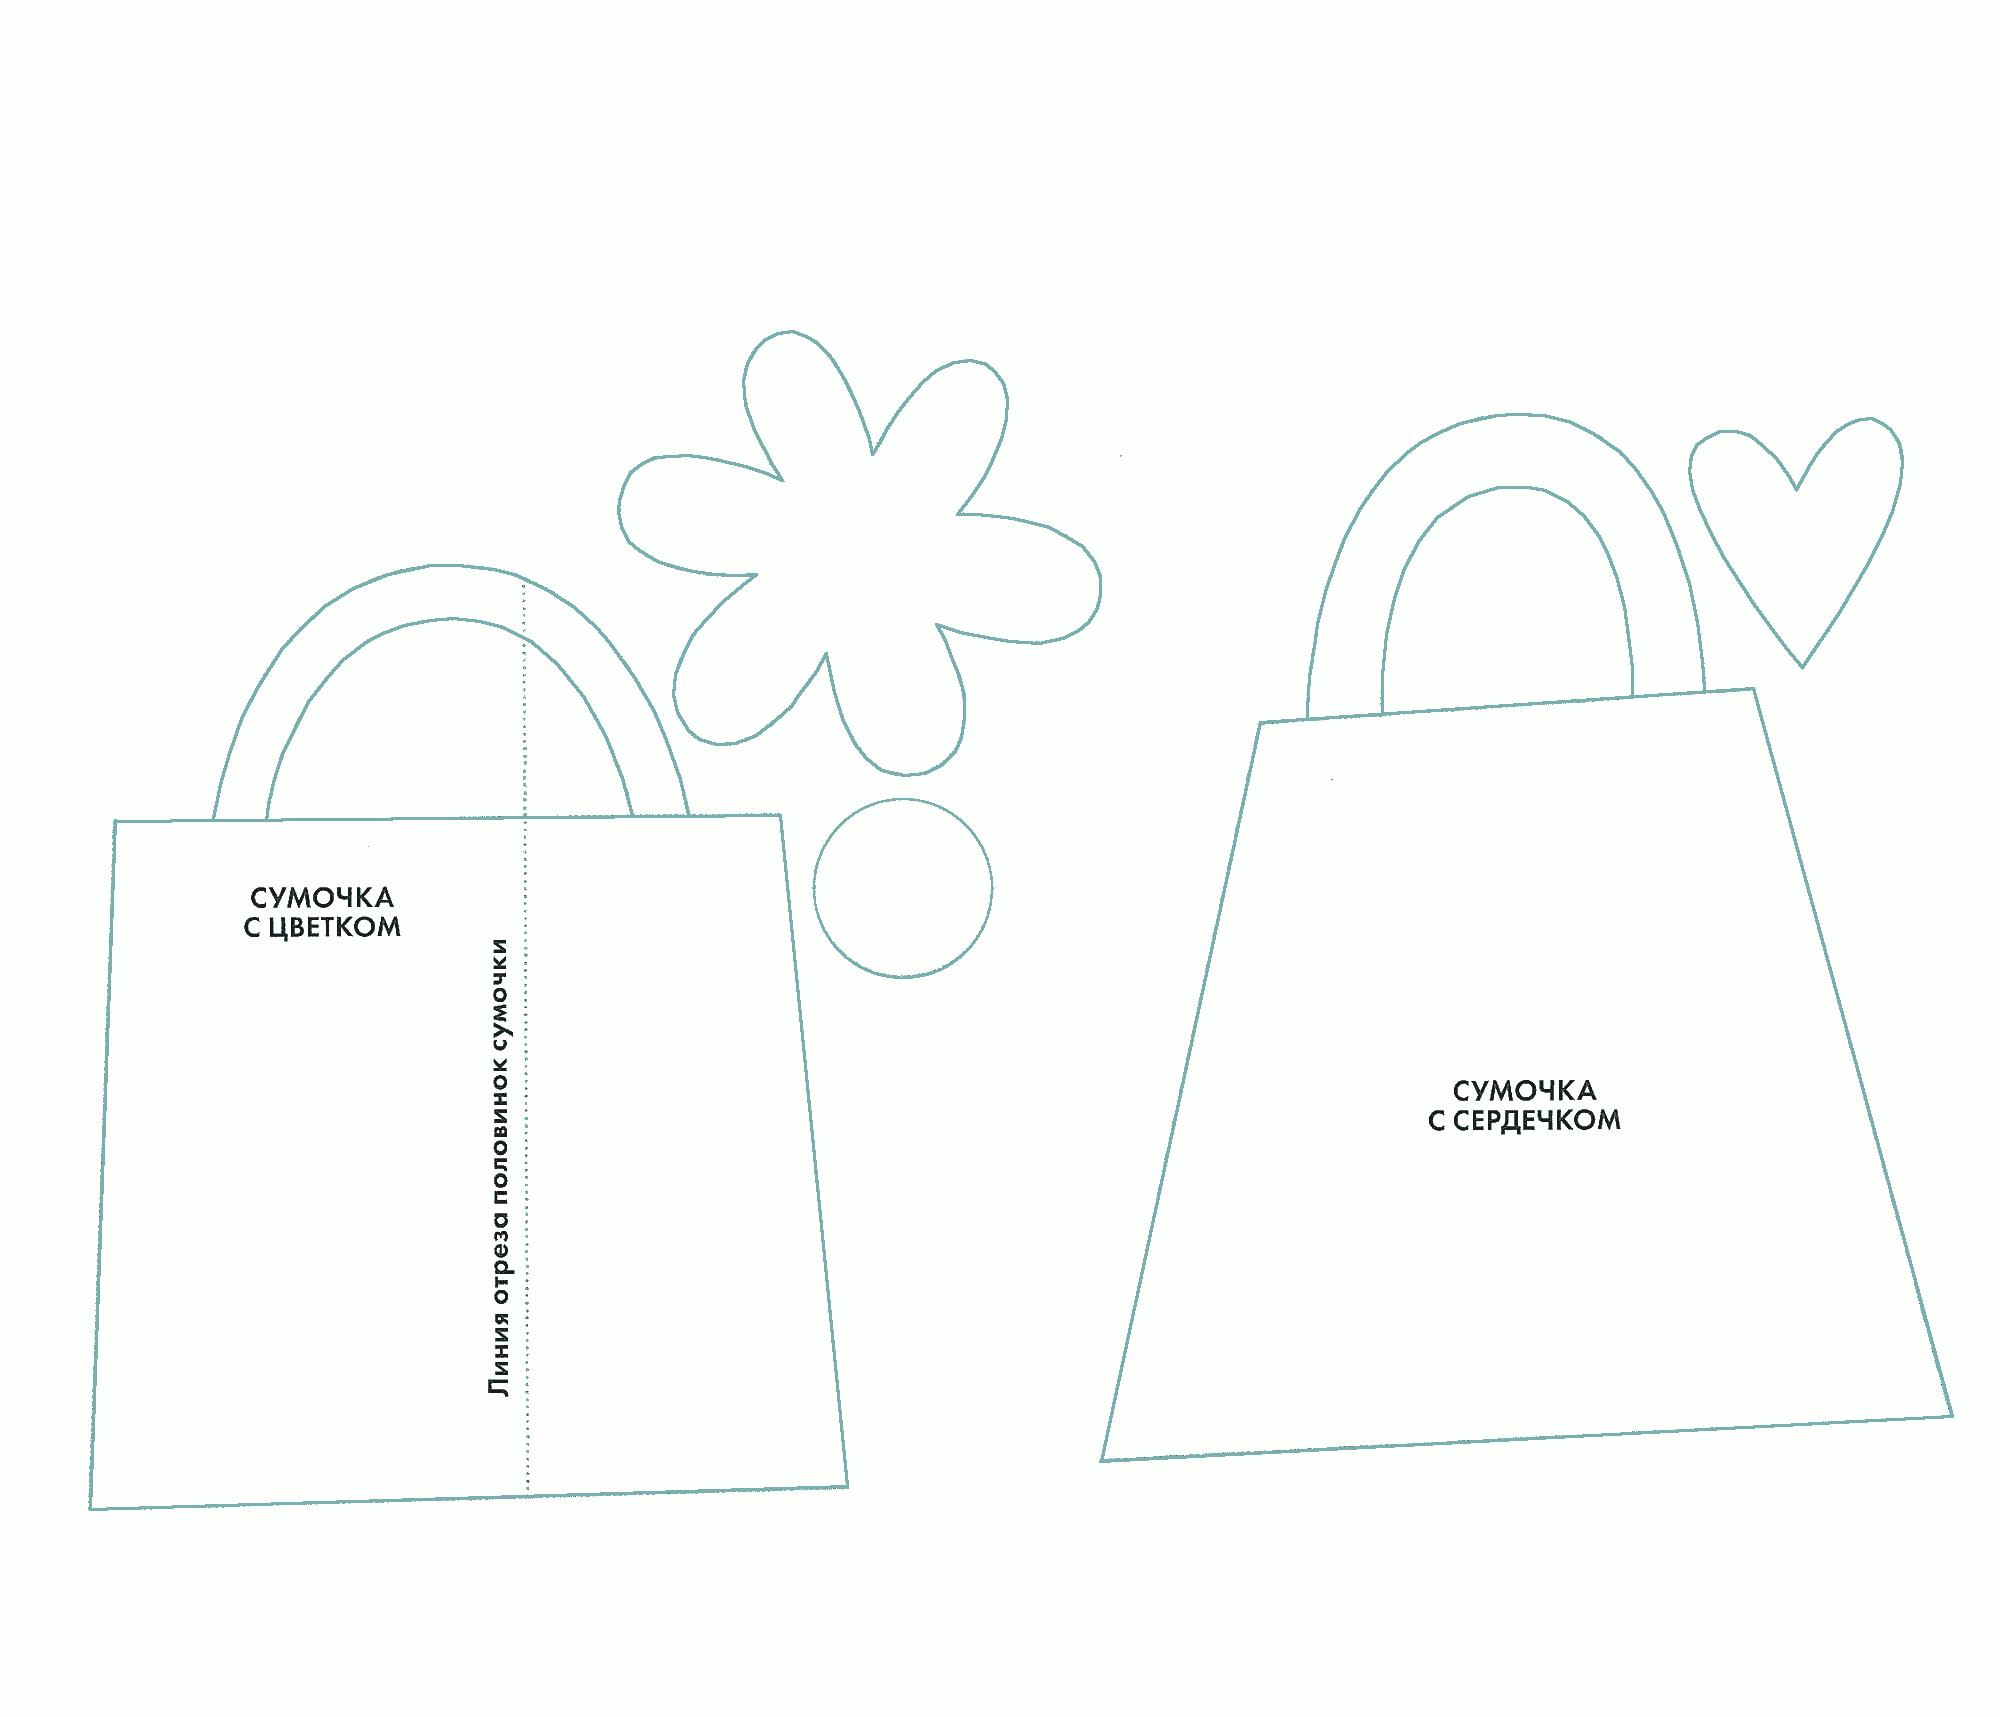 Поделка из бумаги сумочка 13